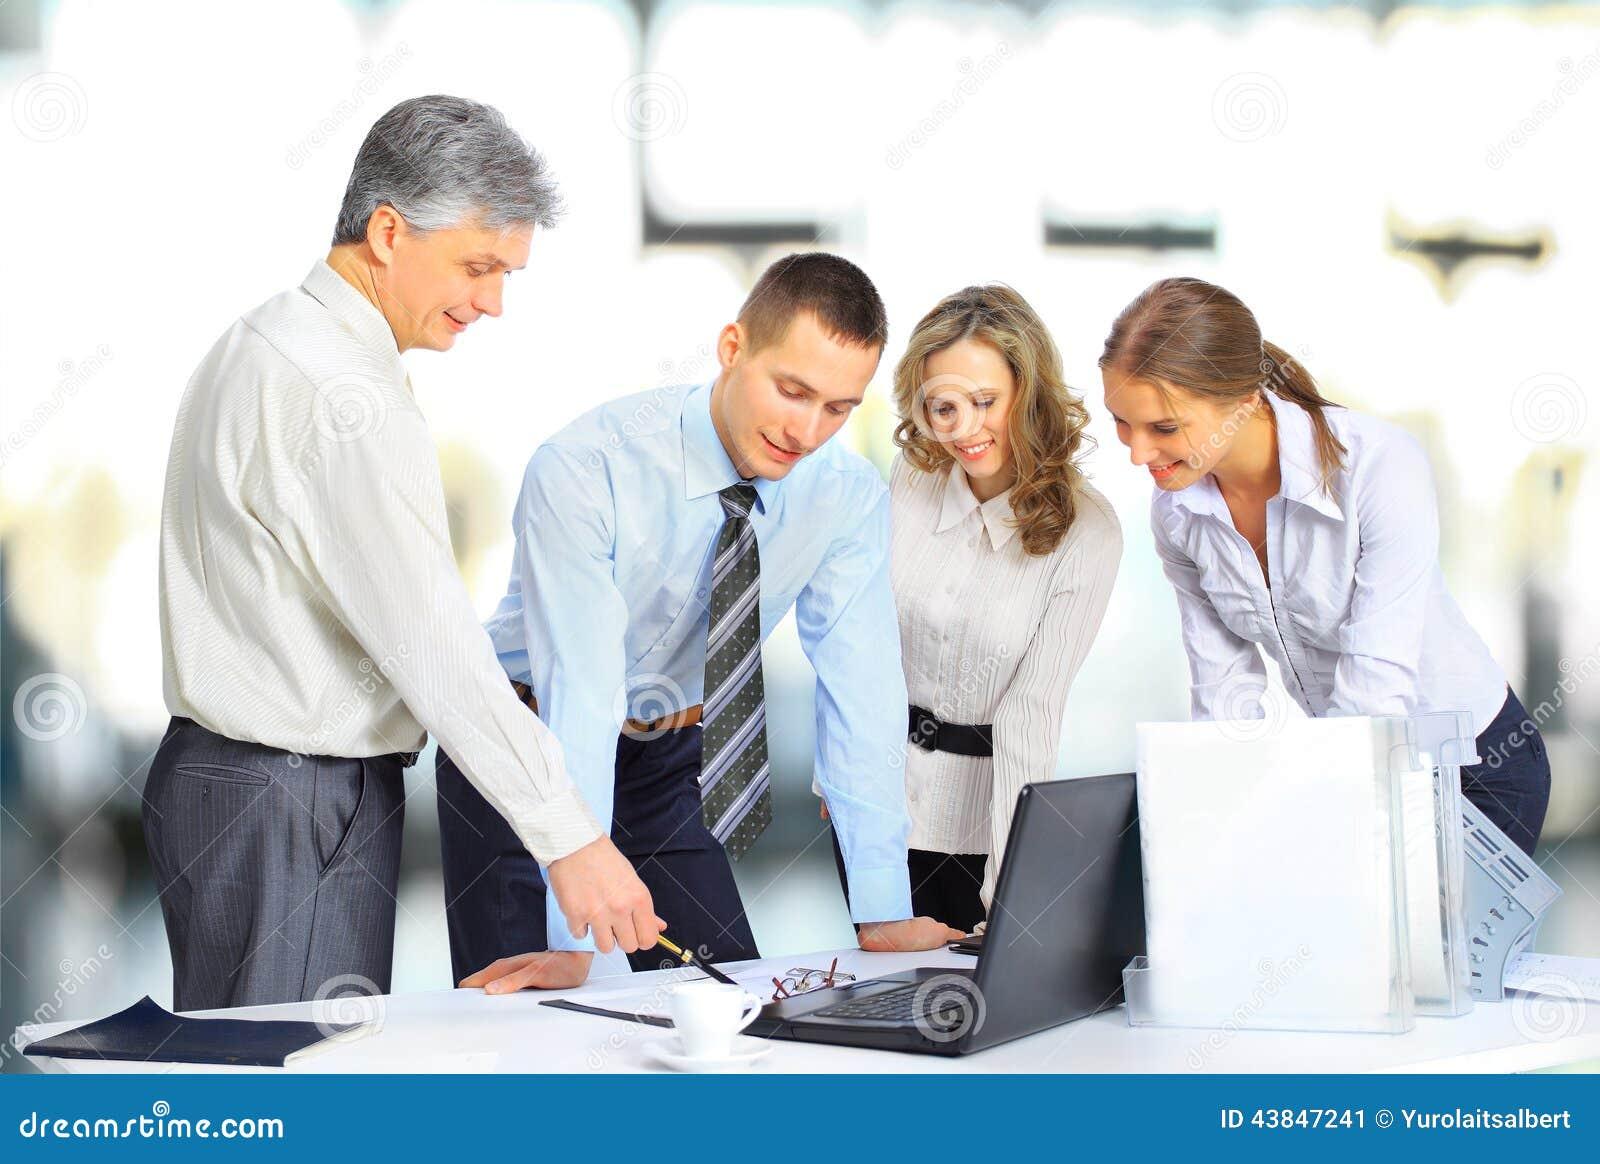 Gruppo di affari che ha riunione in ufficio